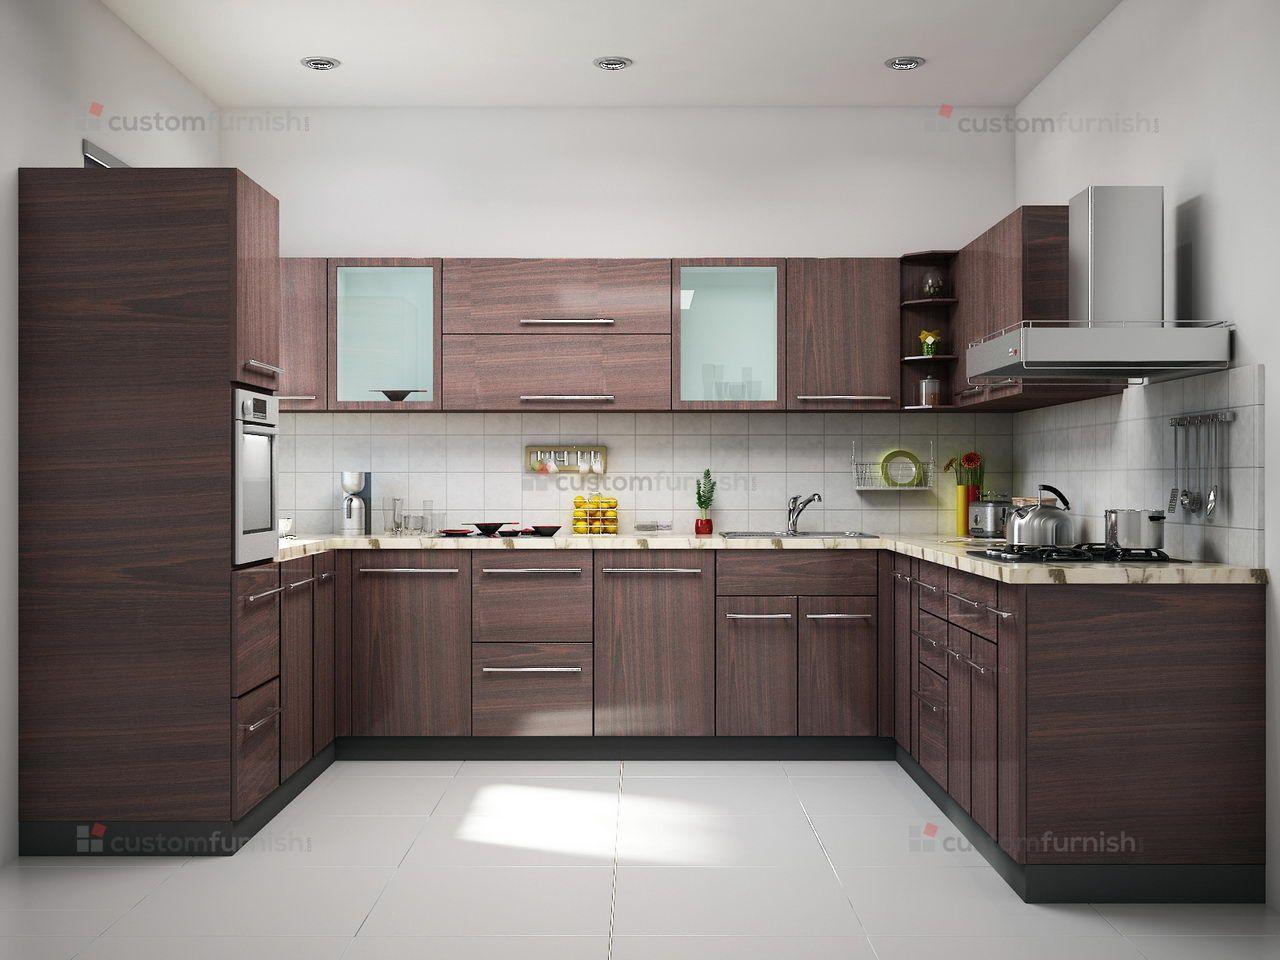 13 Best Ideas U Shape Kitchen Designs & Decor Inspirations Inspiration The Best Kitchen Design Review